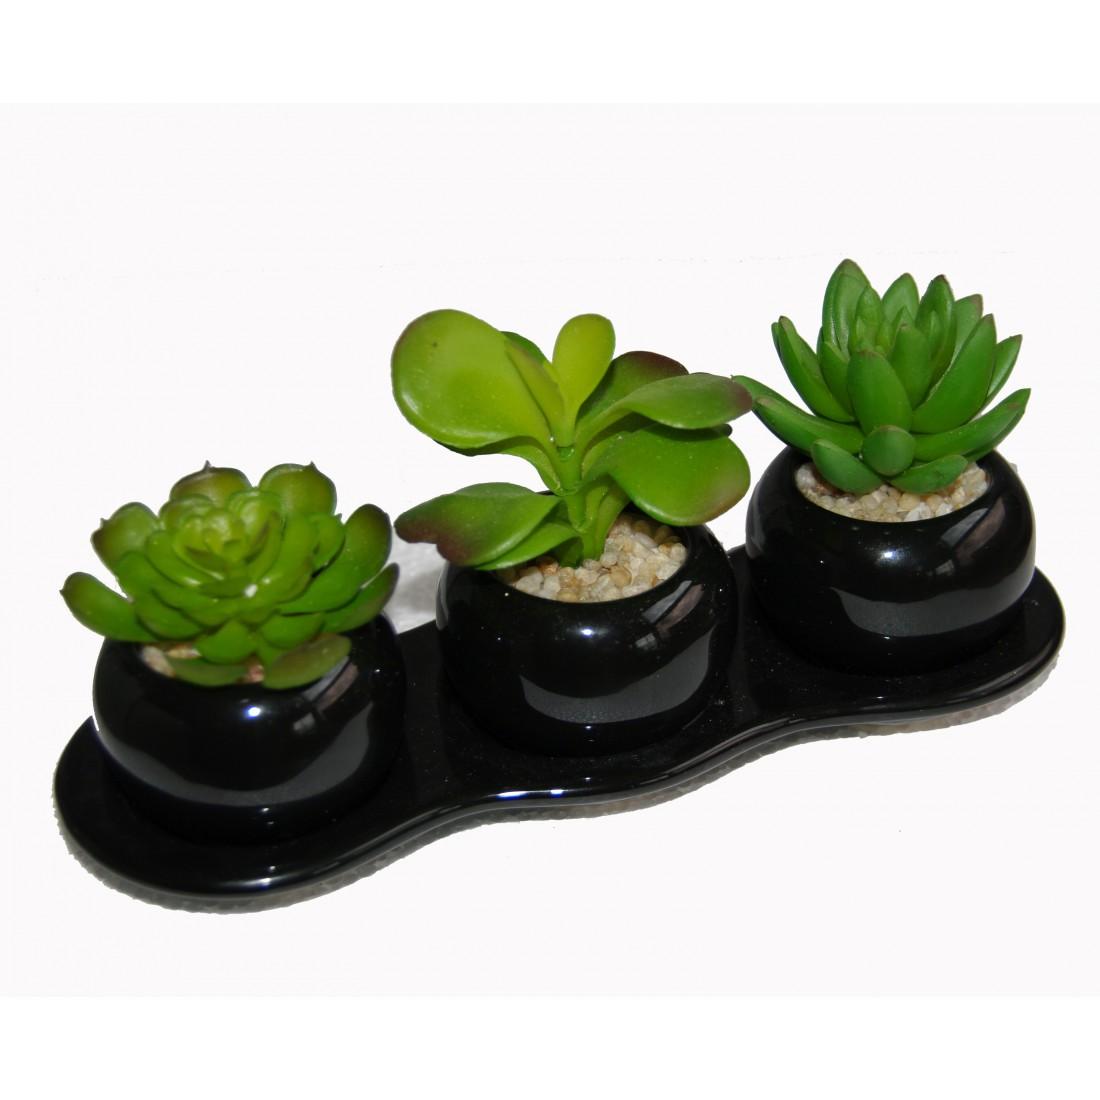 plateau de cactus 22 cm cactus plantes grasses reflets nature lyon. Black Bedroom Furniture Sets. Home Design Ideas